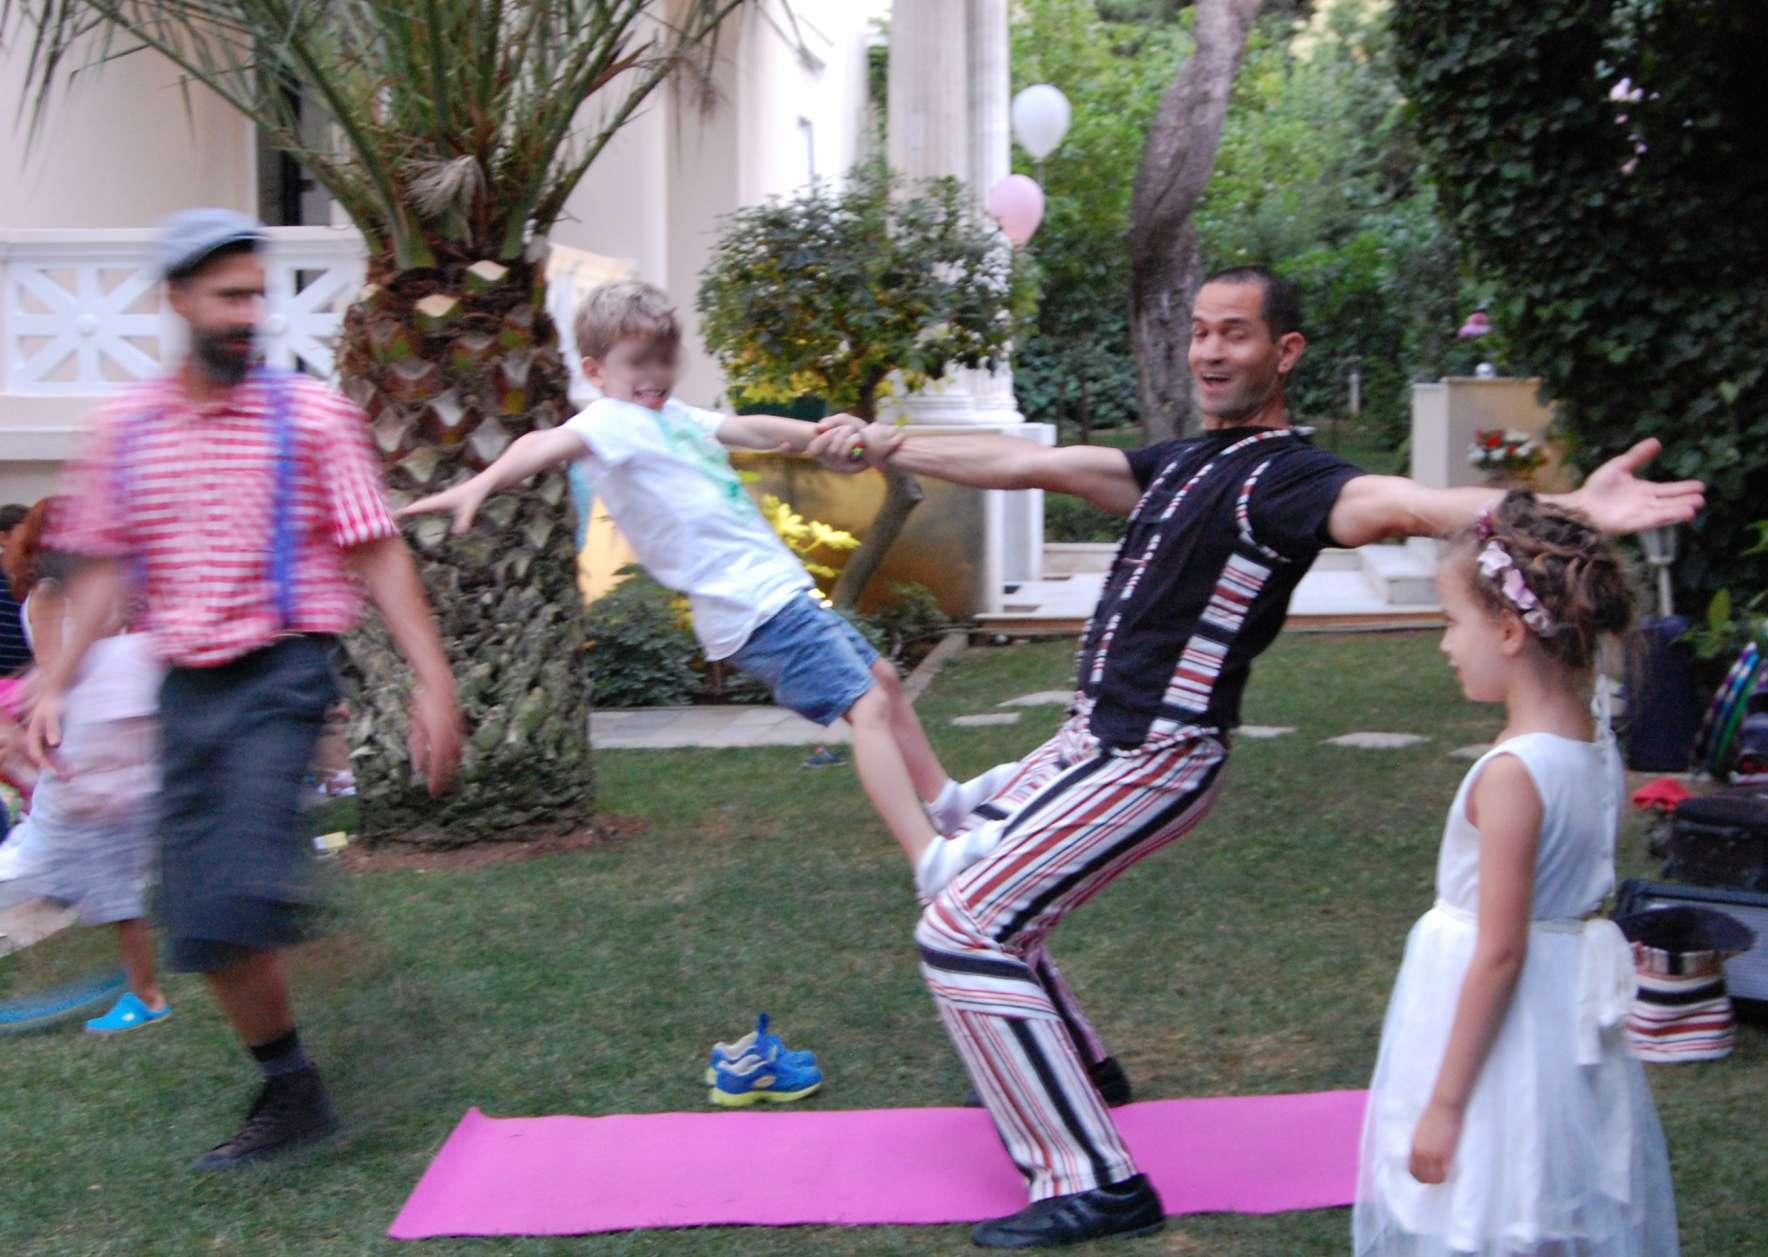 Ανιματέρ και αγόρι σε παιδικό πάρτυ παρουσιάζουν ακροβατική άσκηση ισορροπίας